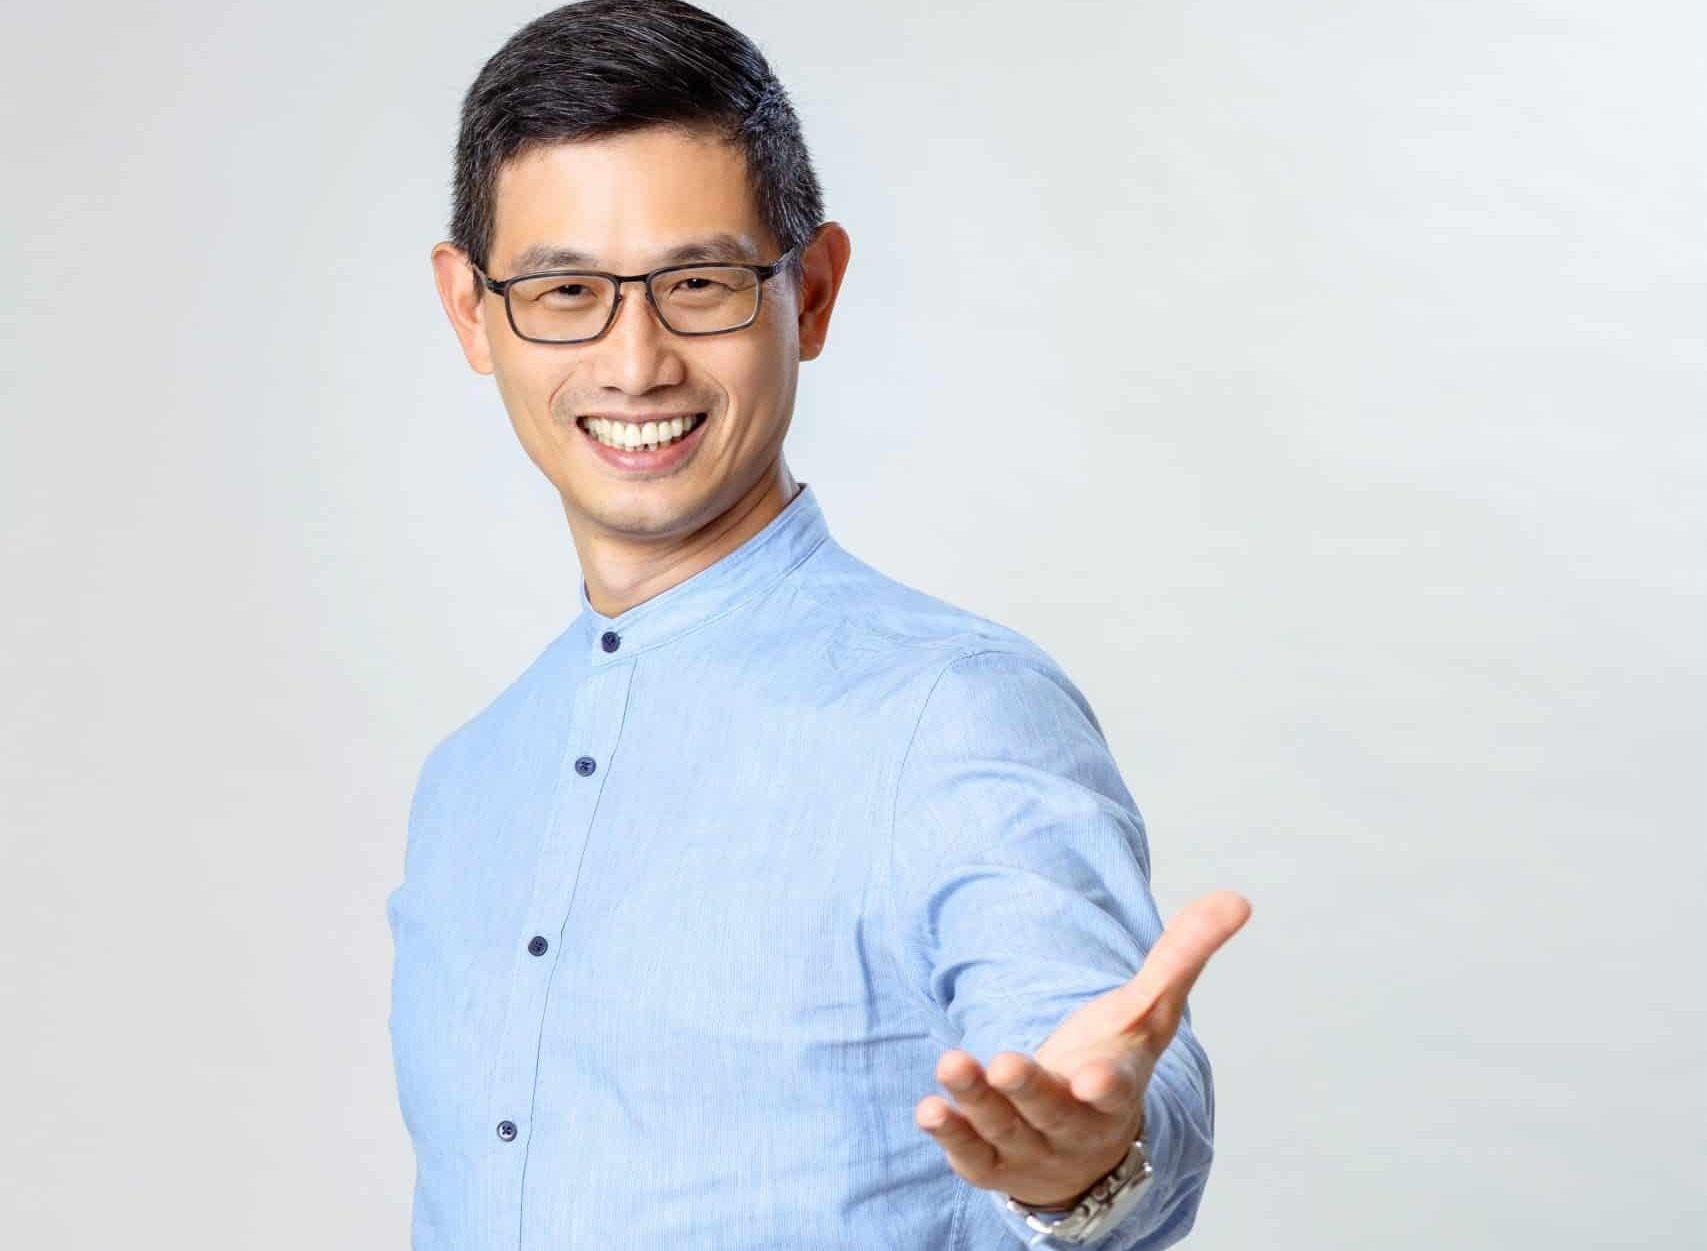 脊椎保健達人-身體智慧執行長-鄭雲龍-柏登牙醫看診分享推薦